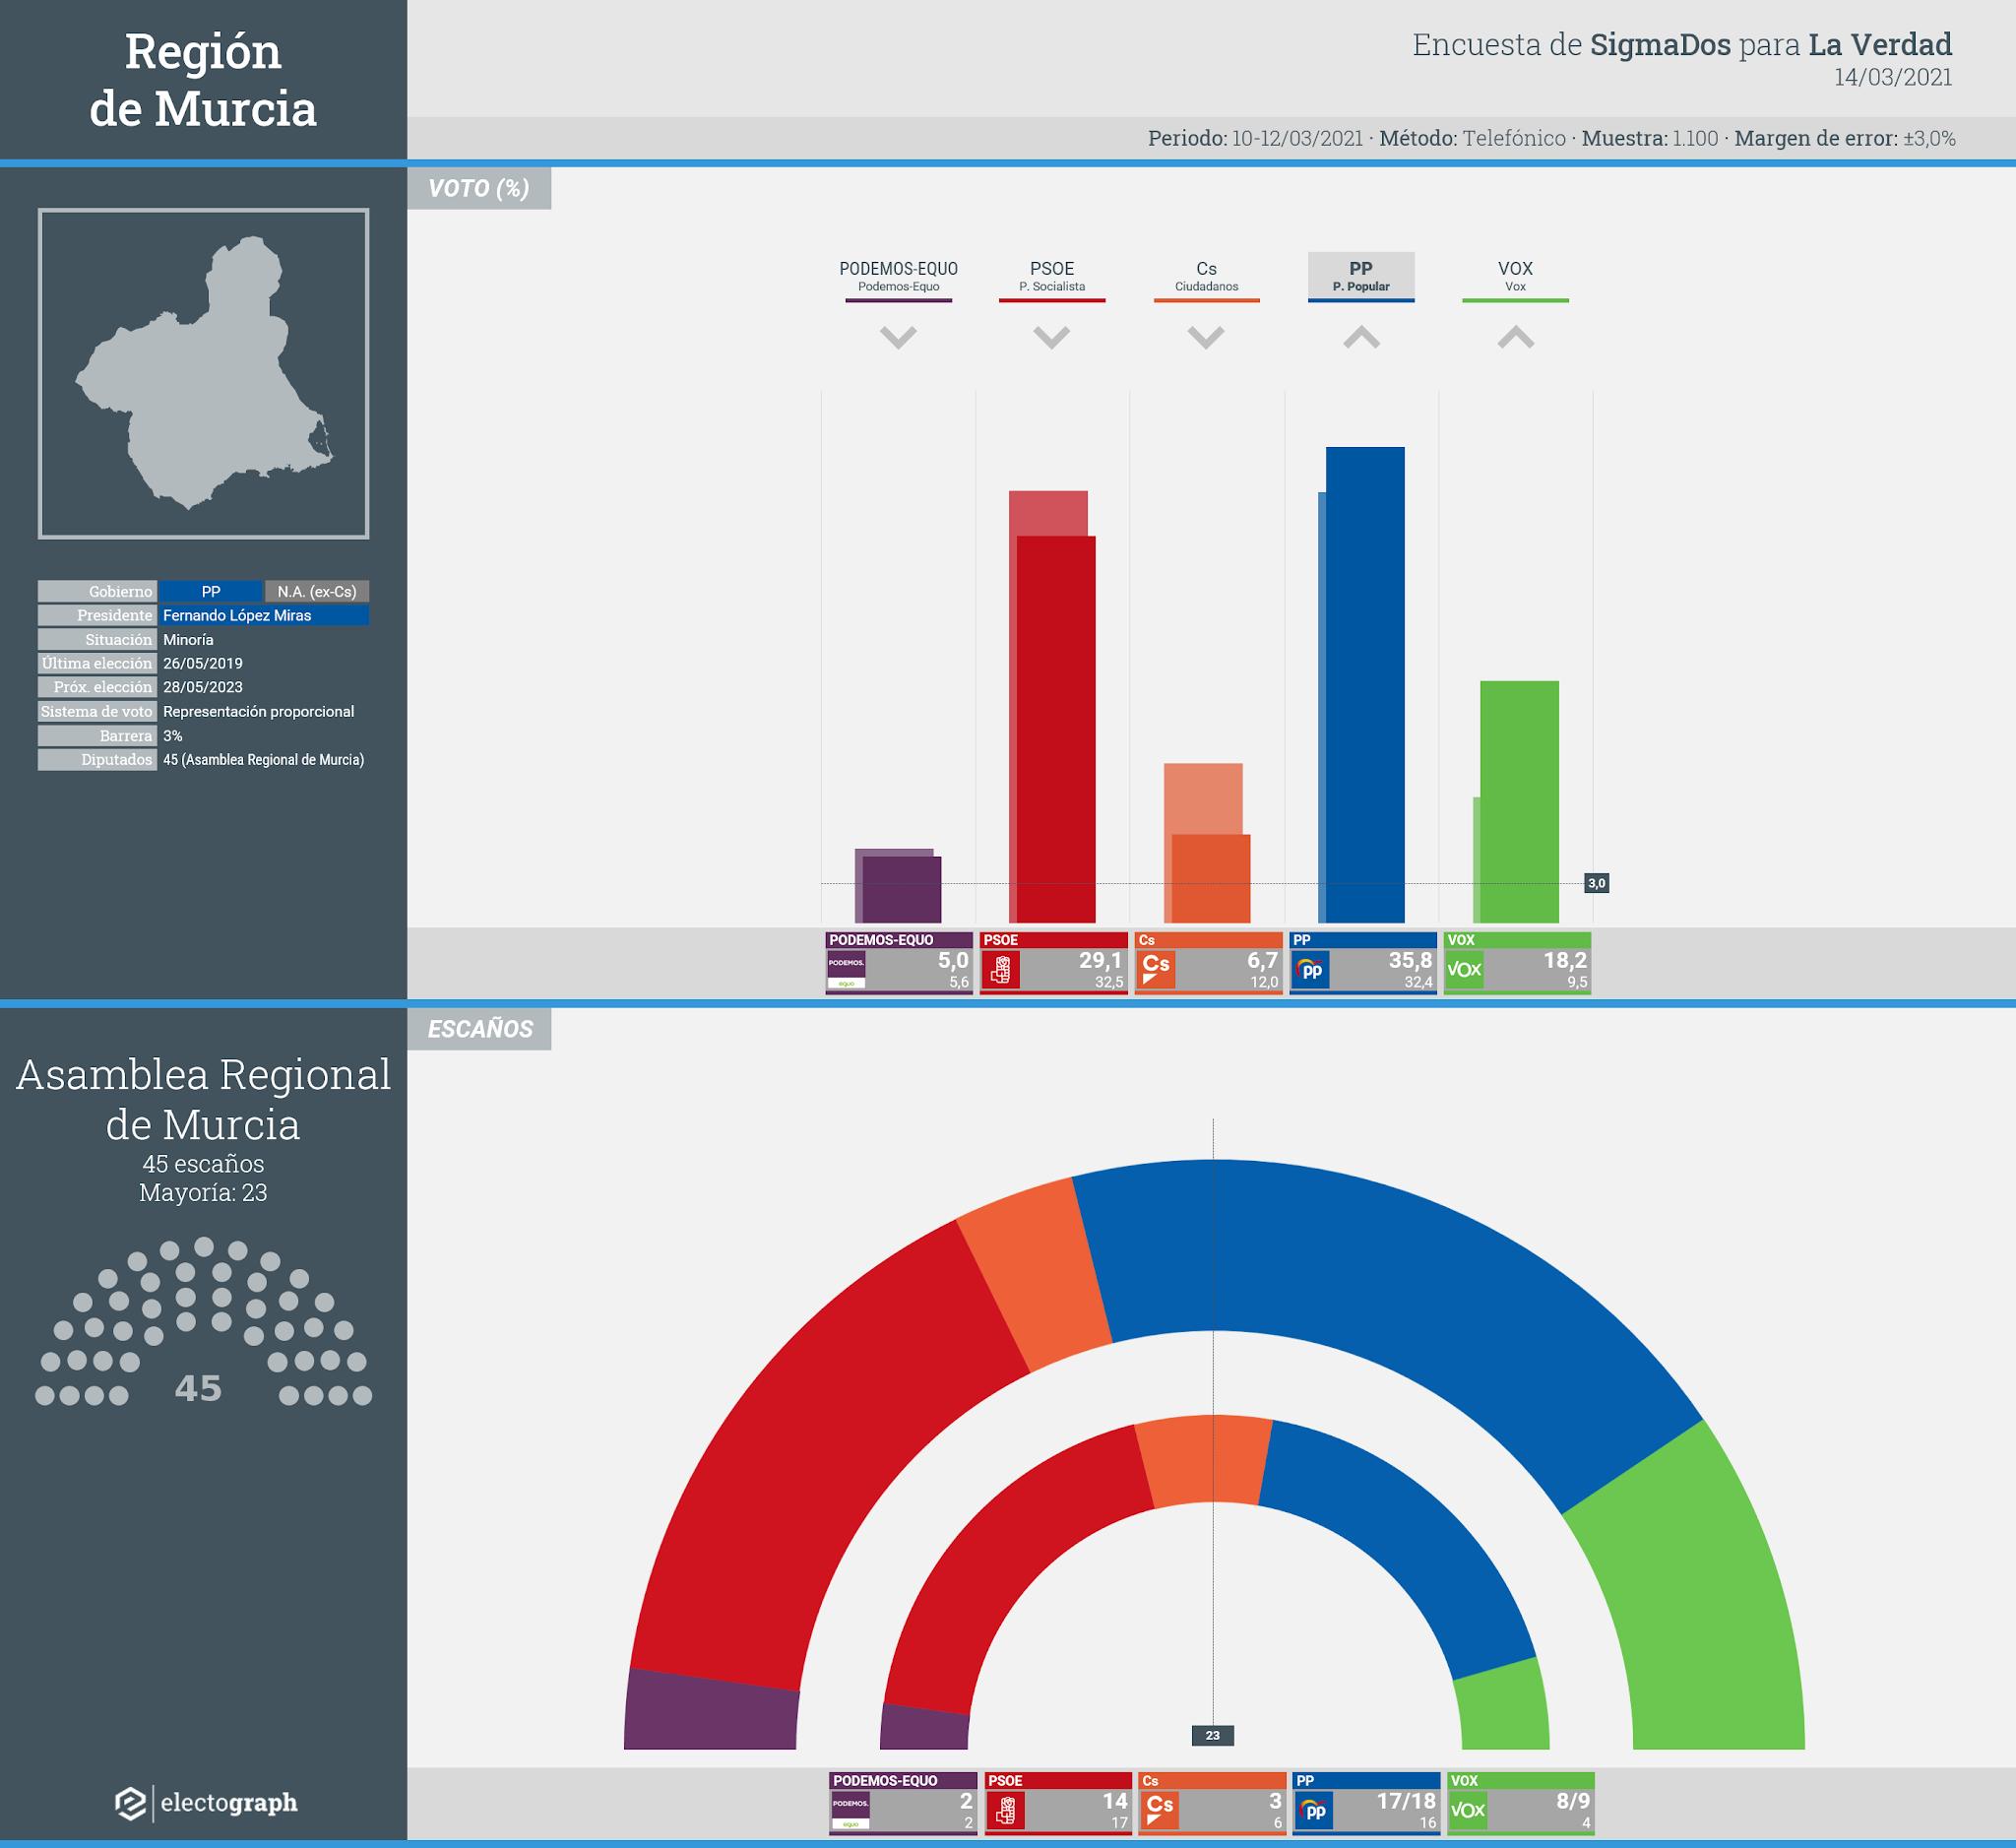 Gráfico de la encuesta para elecciones autonómicas en la Región de Murcia realizada por SigmaDos para La Verdad, 14 de marzo de 2021